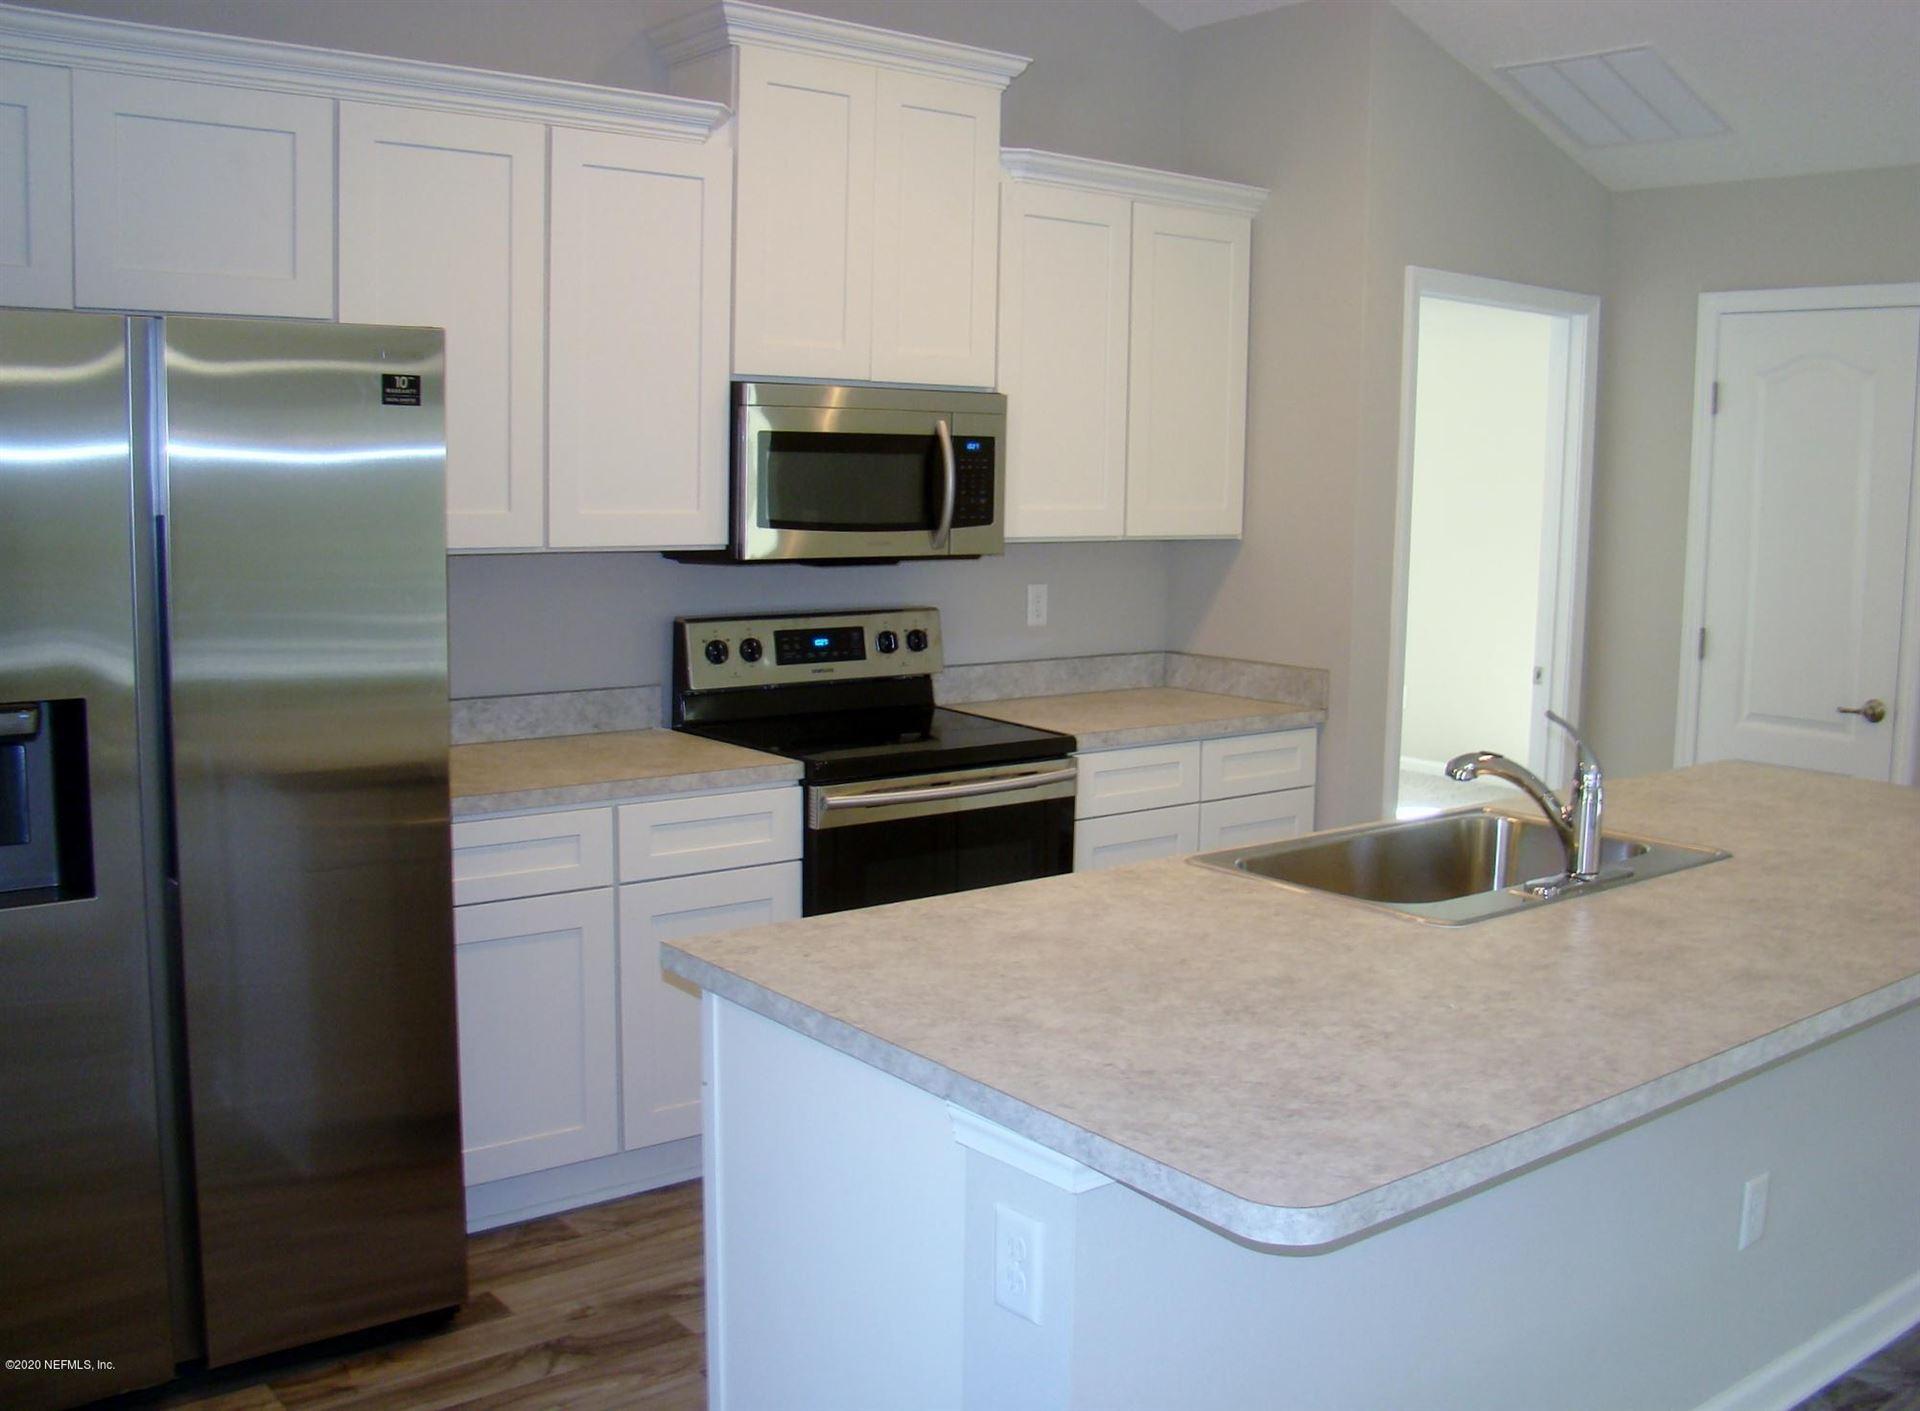 4933 CALENDULA AVE, Middleburg, FL 32068 - MLS#: 1054814